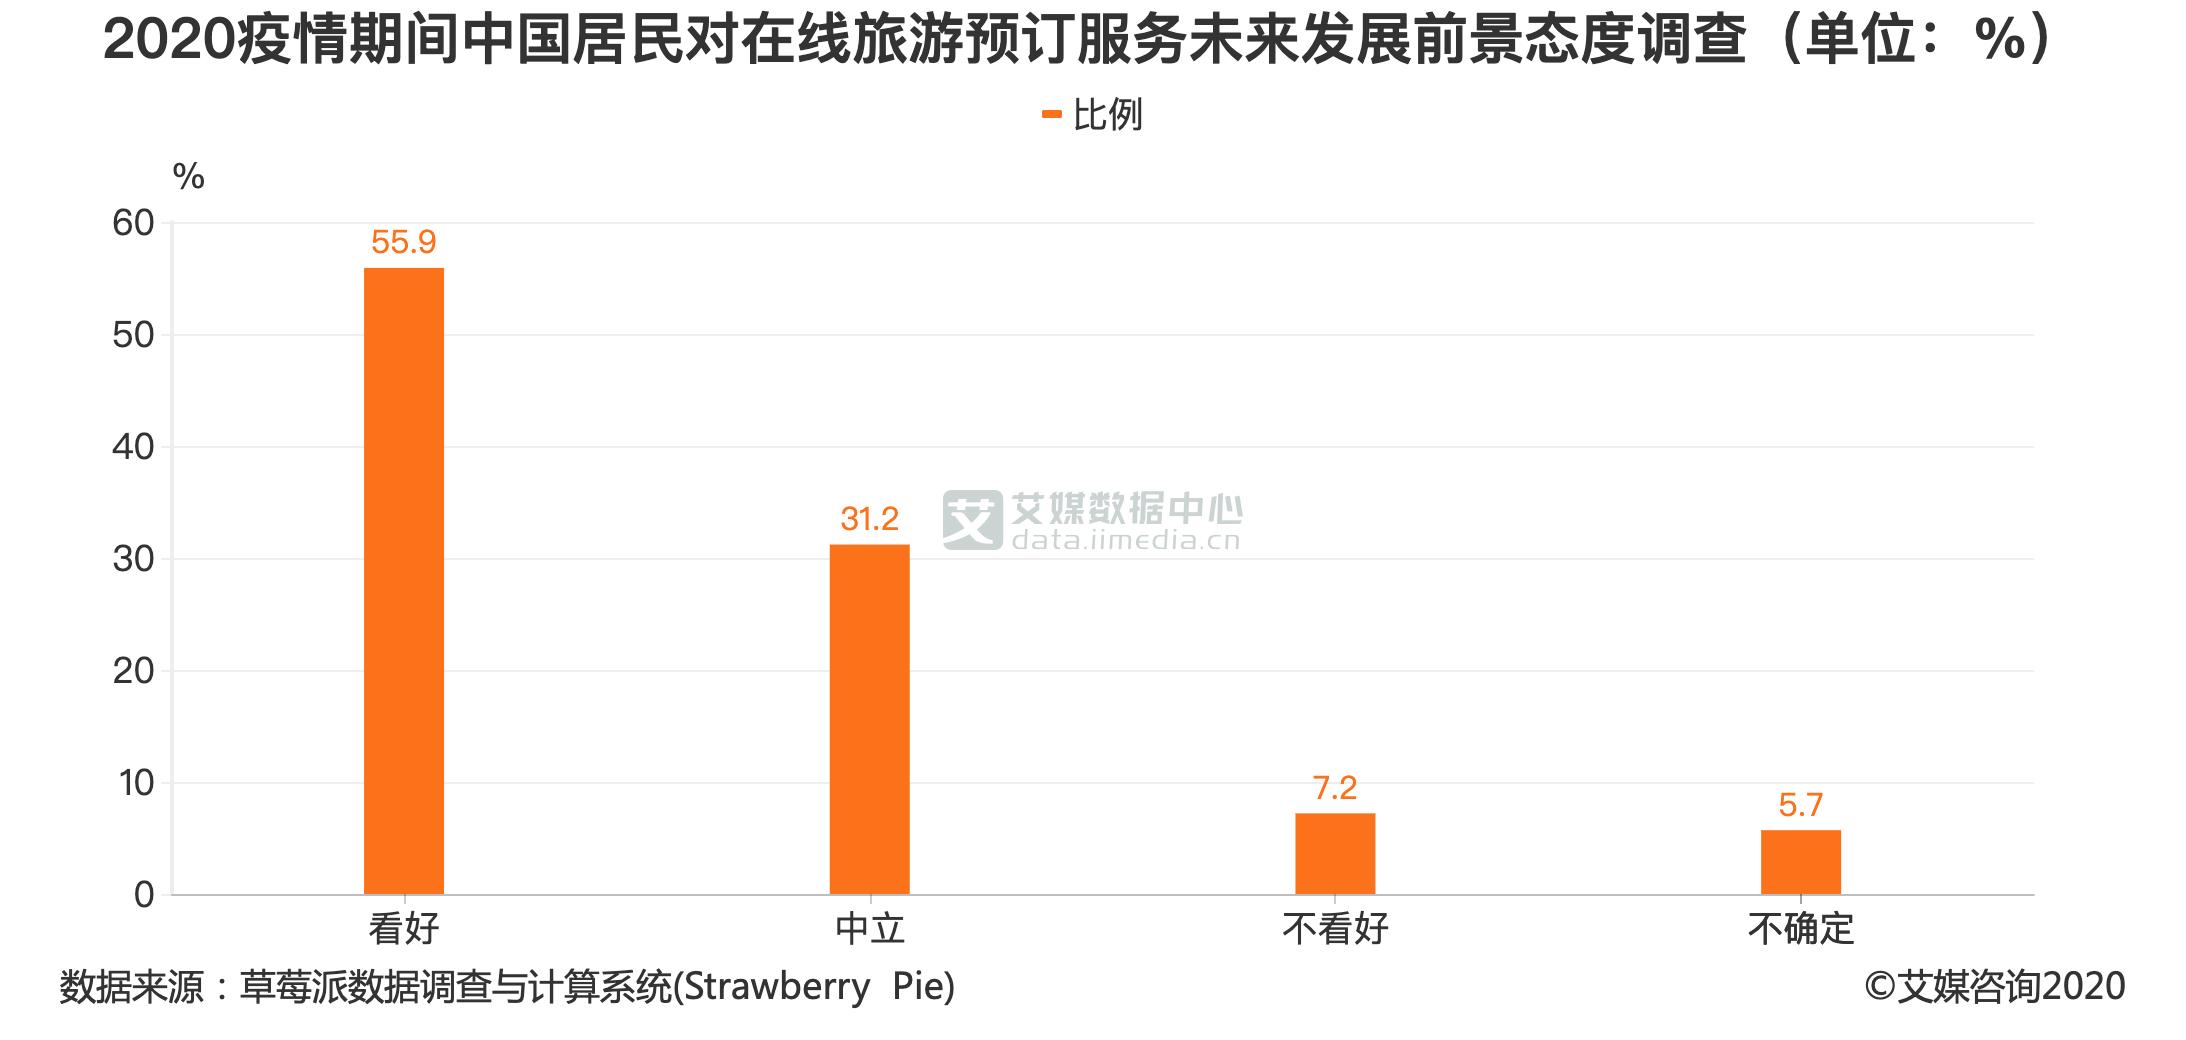 2020疫情期间中国居民对在线旅游预订服务未来发展前景态度调查(单位:%)